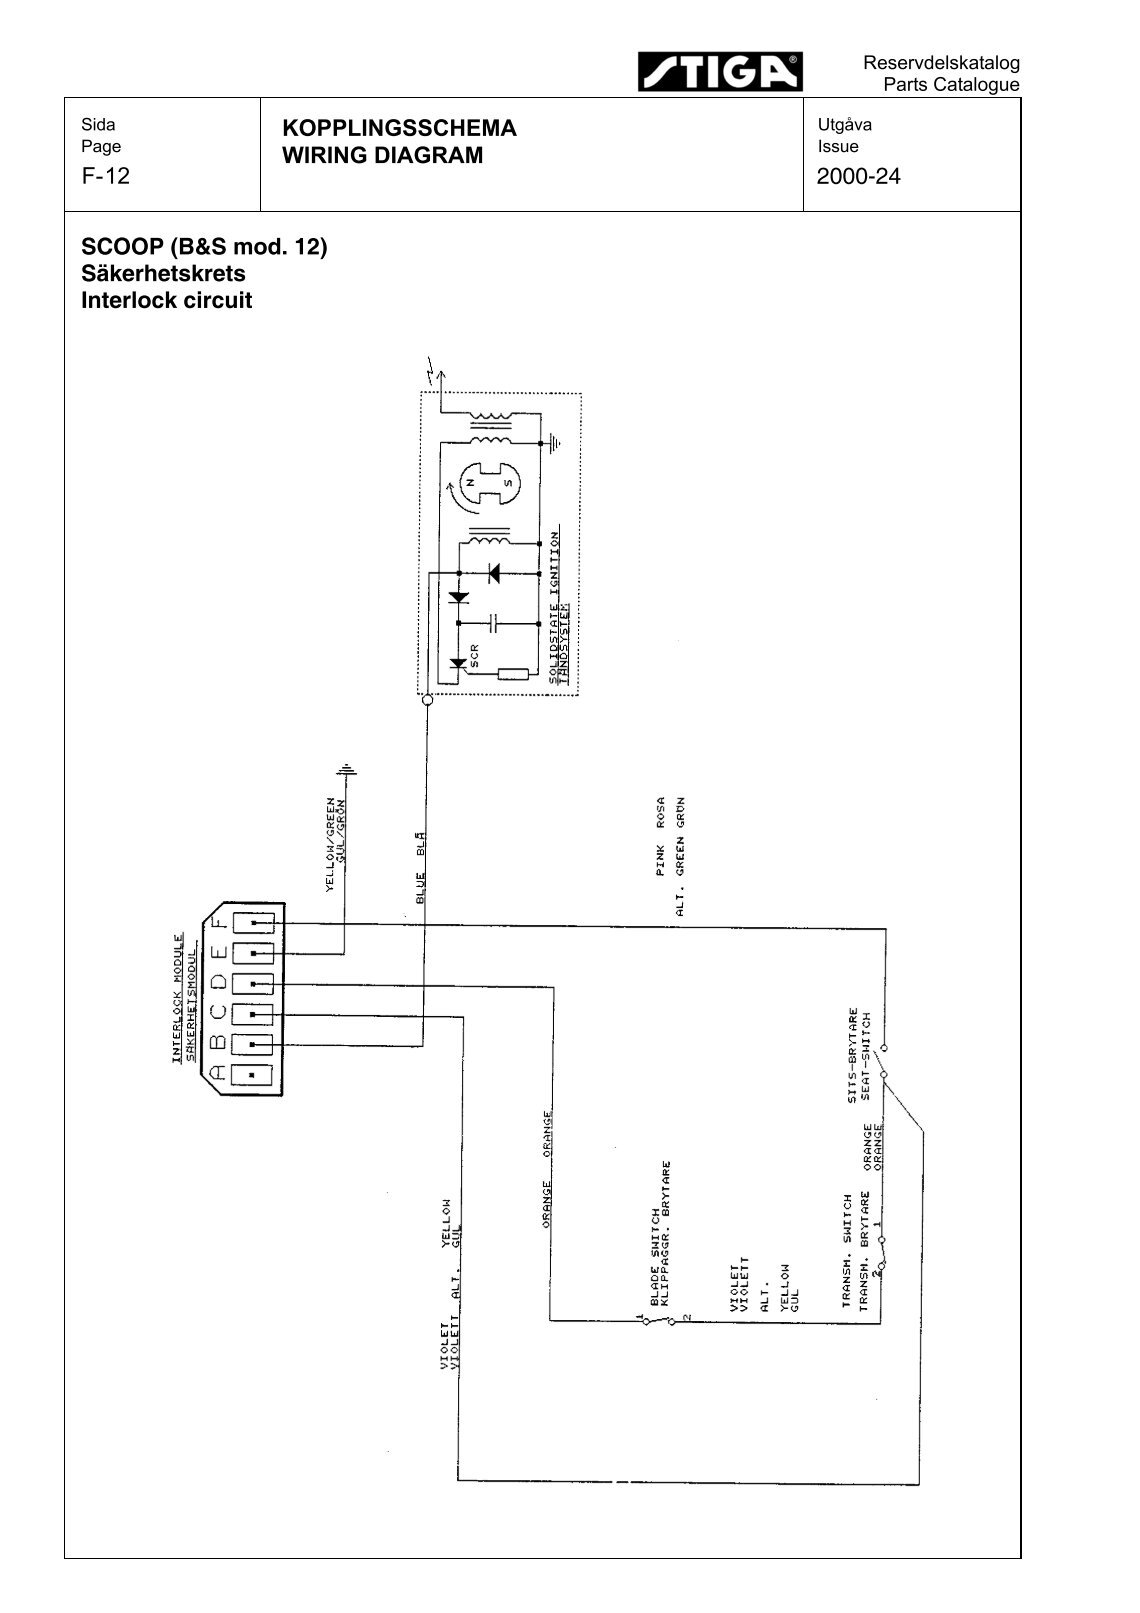 m1008 wiring diagram wiring schematics diagram rh wiring regdiy co cucv m1009 wiring diagram m1008 wiring diagram [ 1140 x 1614 Pixel ]